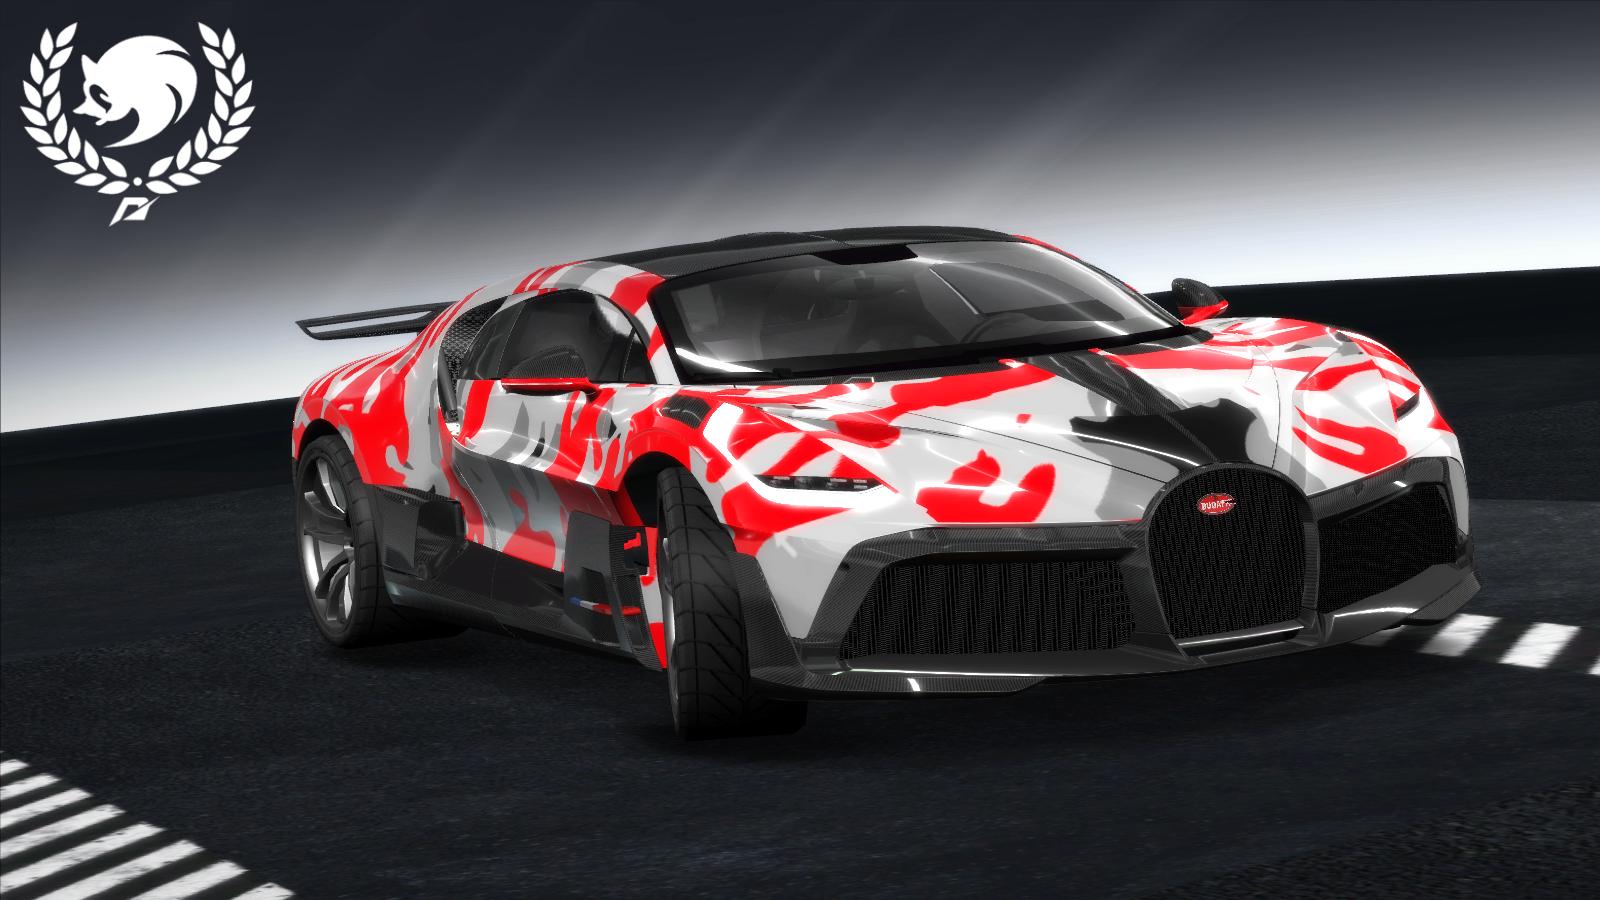 Bugatti Divo Wallpaper Red Supercars Gallery